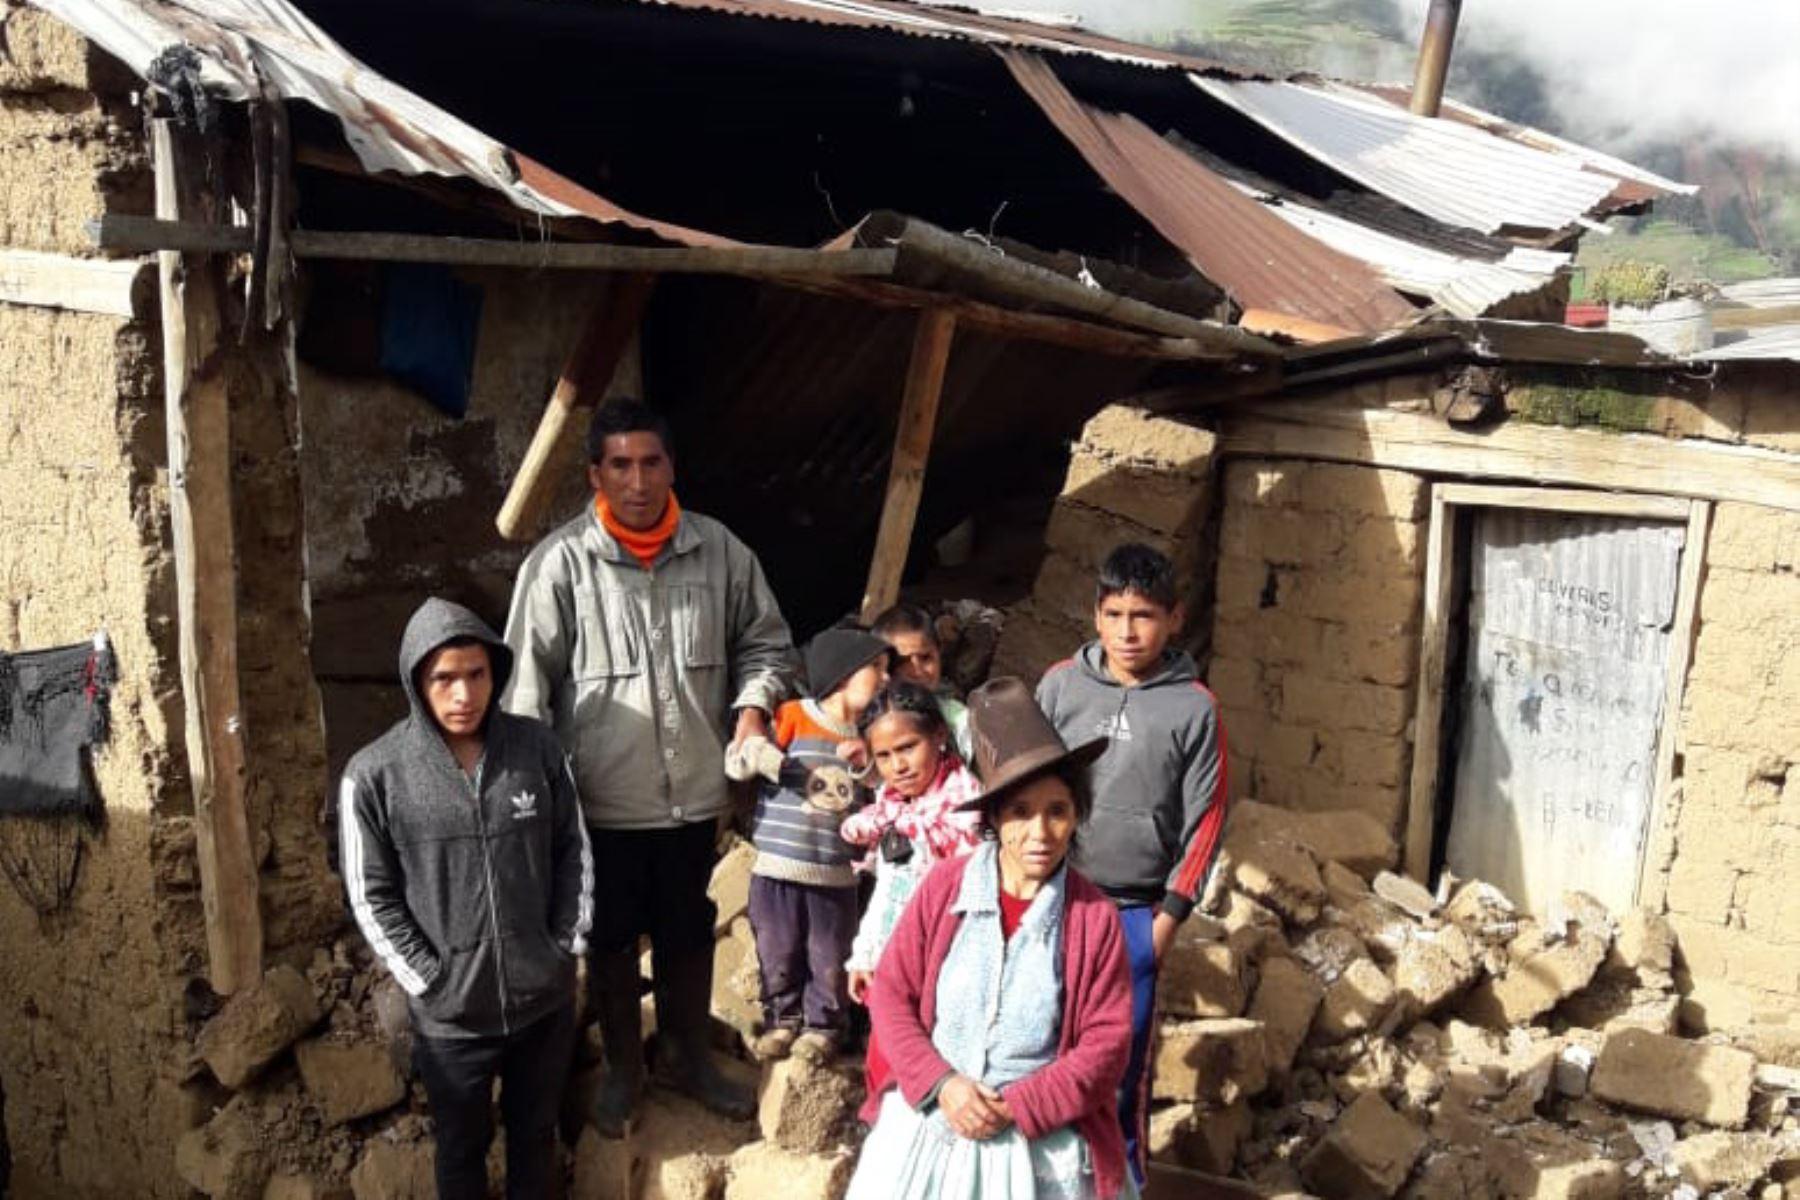 Intensas lluvias ocasionaron el derrumbe de una precaria vivienda en el distrito de Pira, región Áncash.